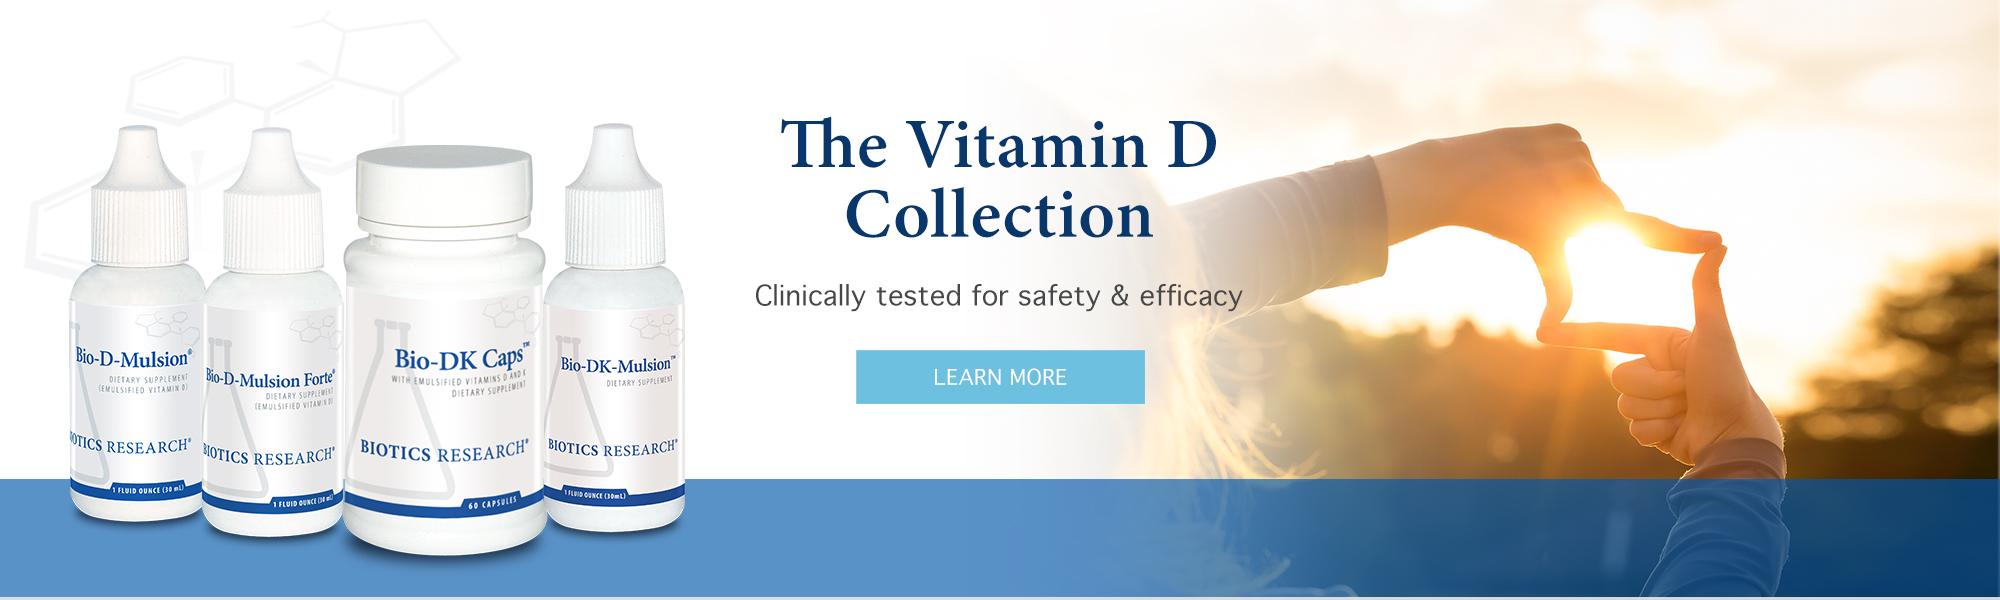 VitaminD_Banner-1